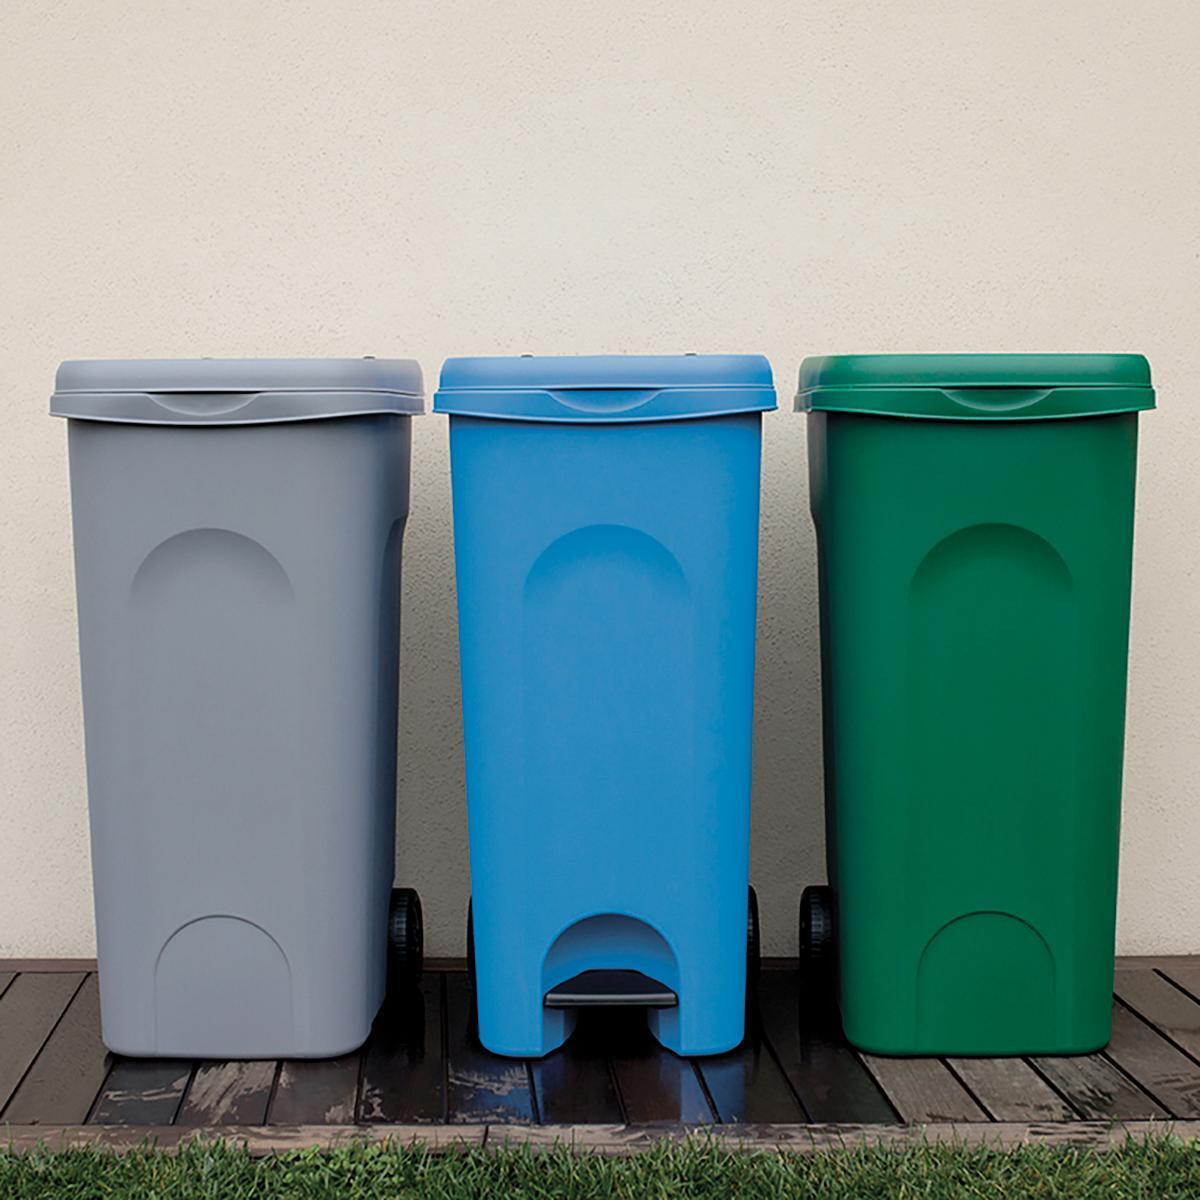 Bidone in plastica STEFANPLAST carrellato Urban Eco System 80 L, 2 ruote - 3